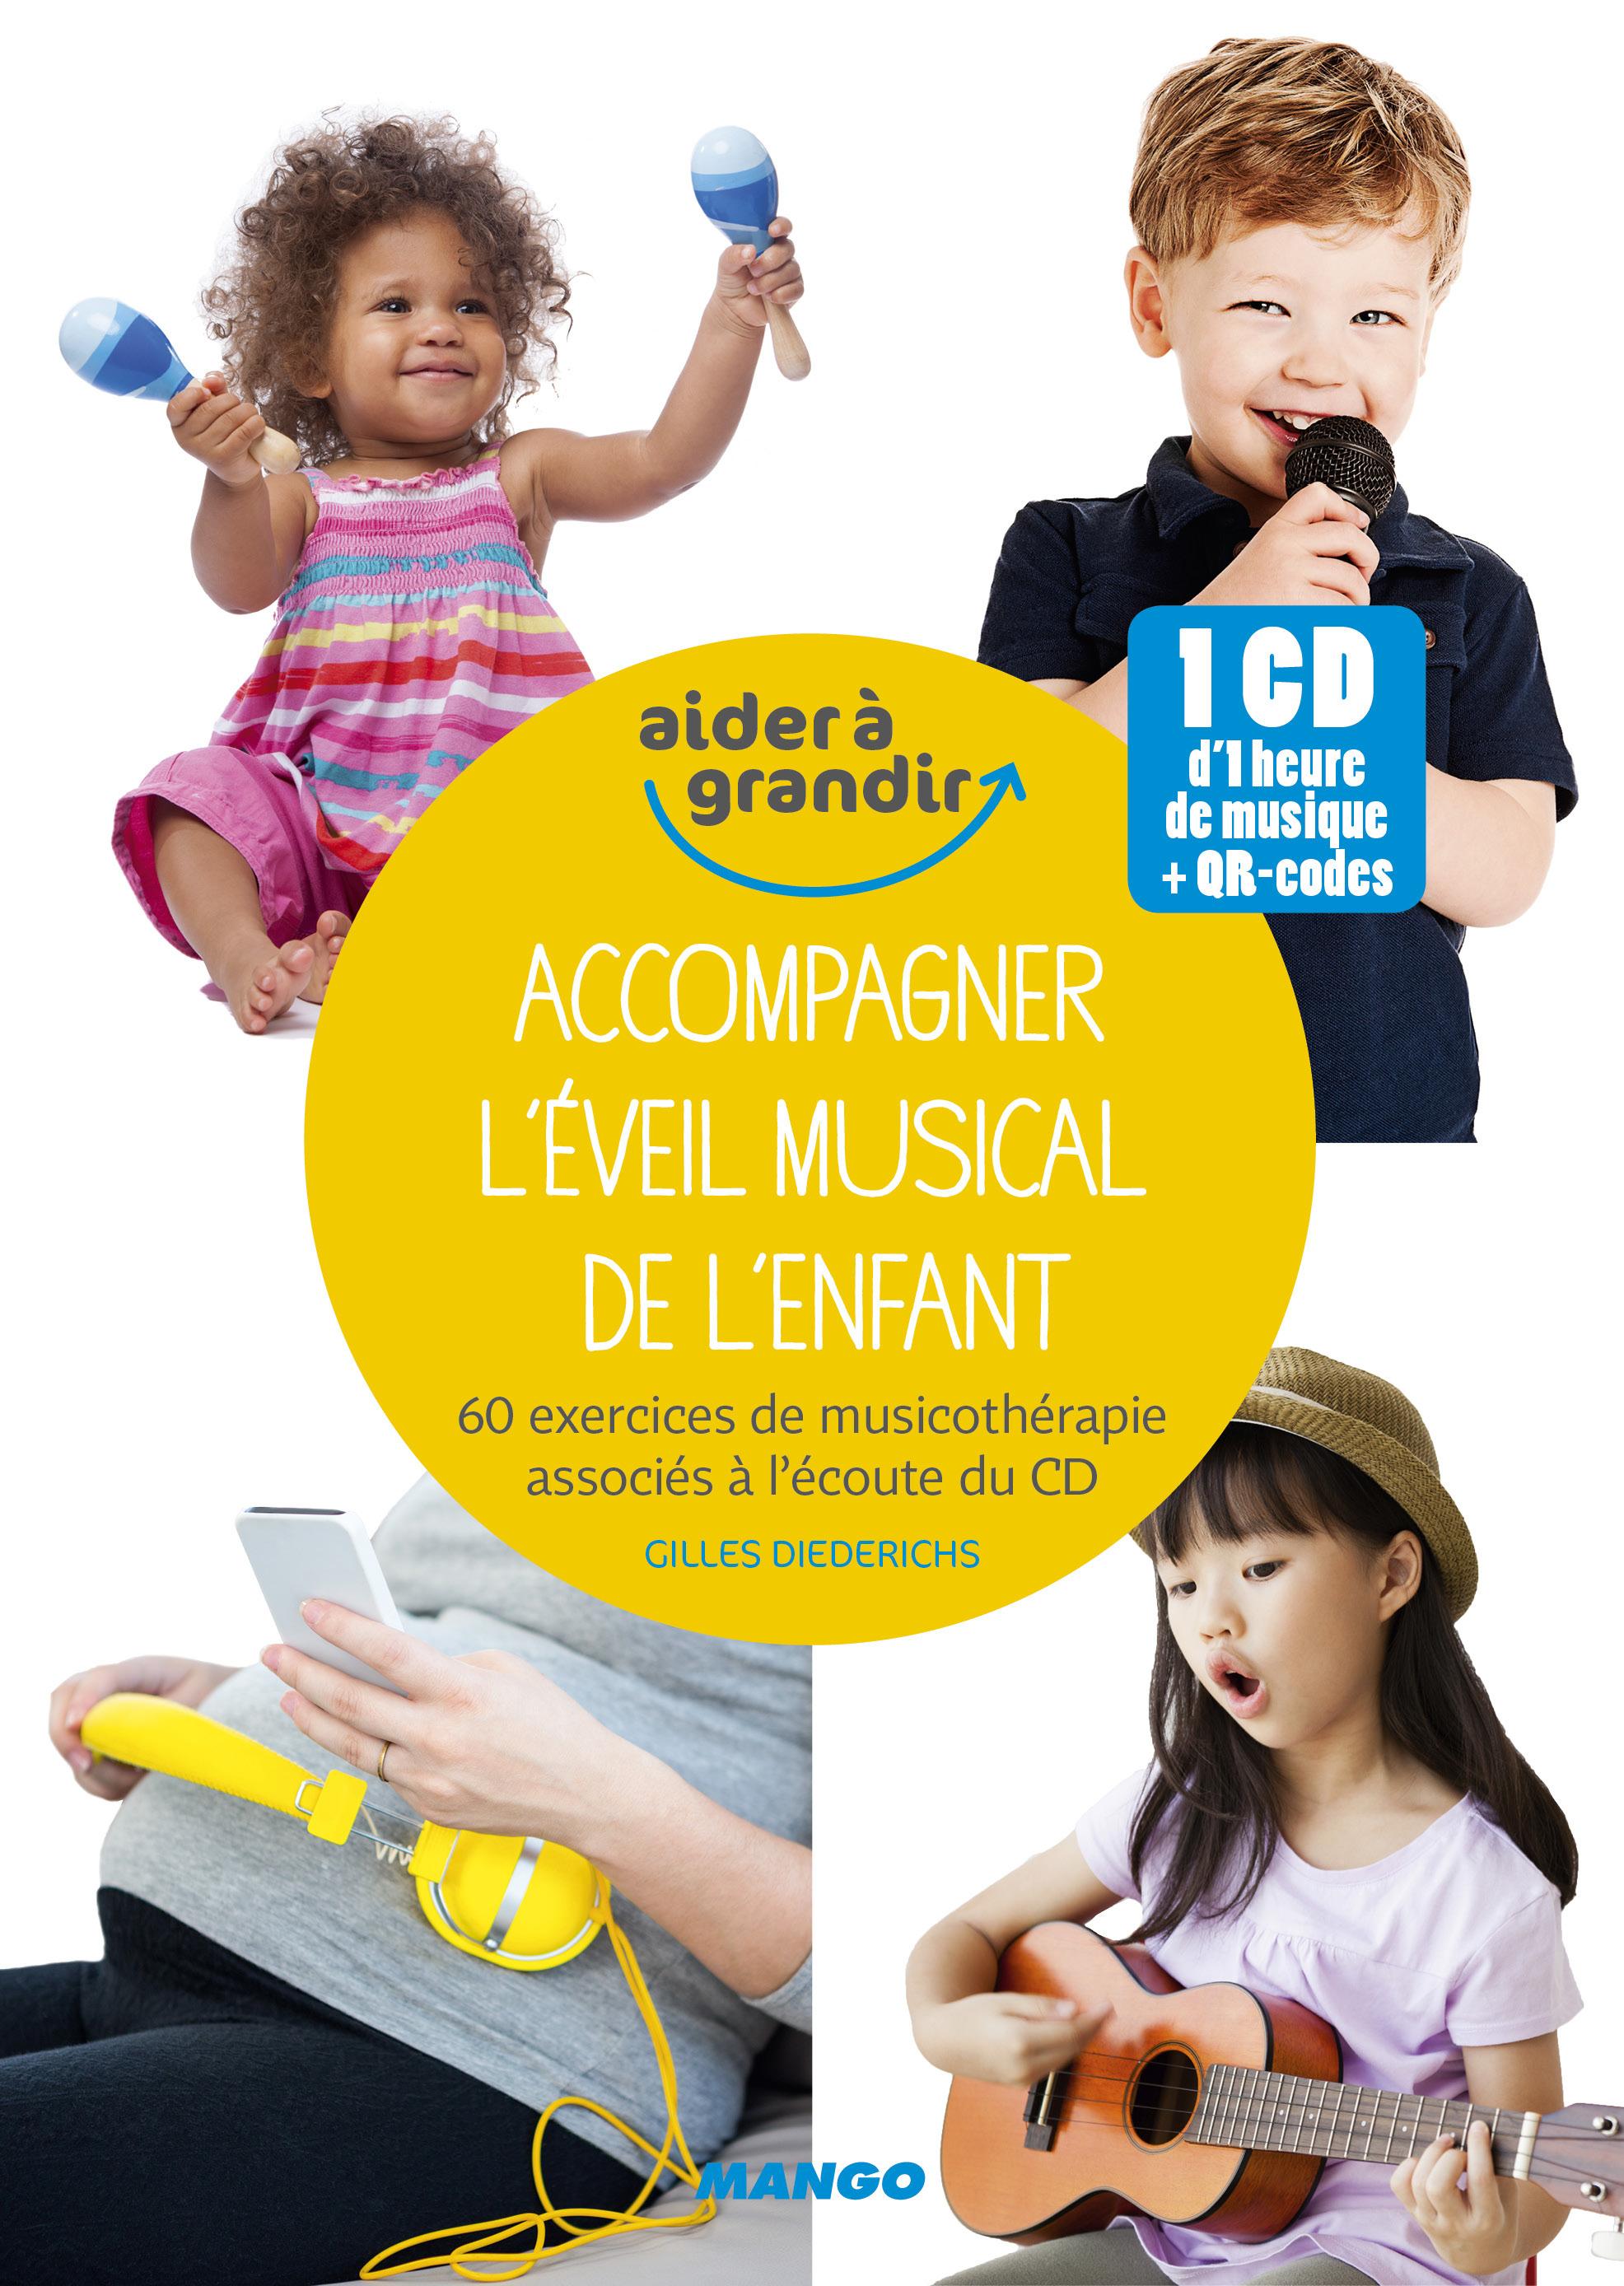 ACCOMPAGNER L'EVEIL MUSICAL DE L'ENFANT